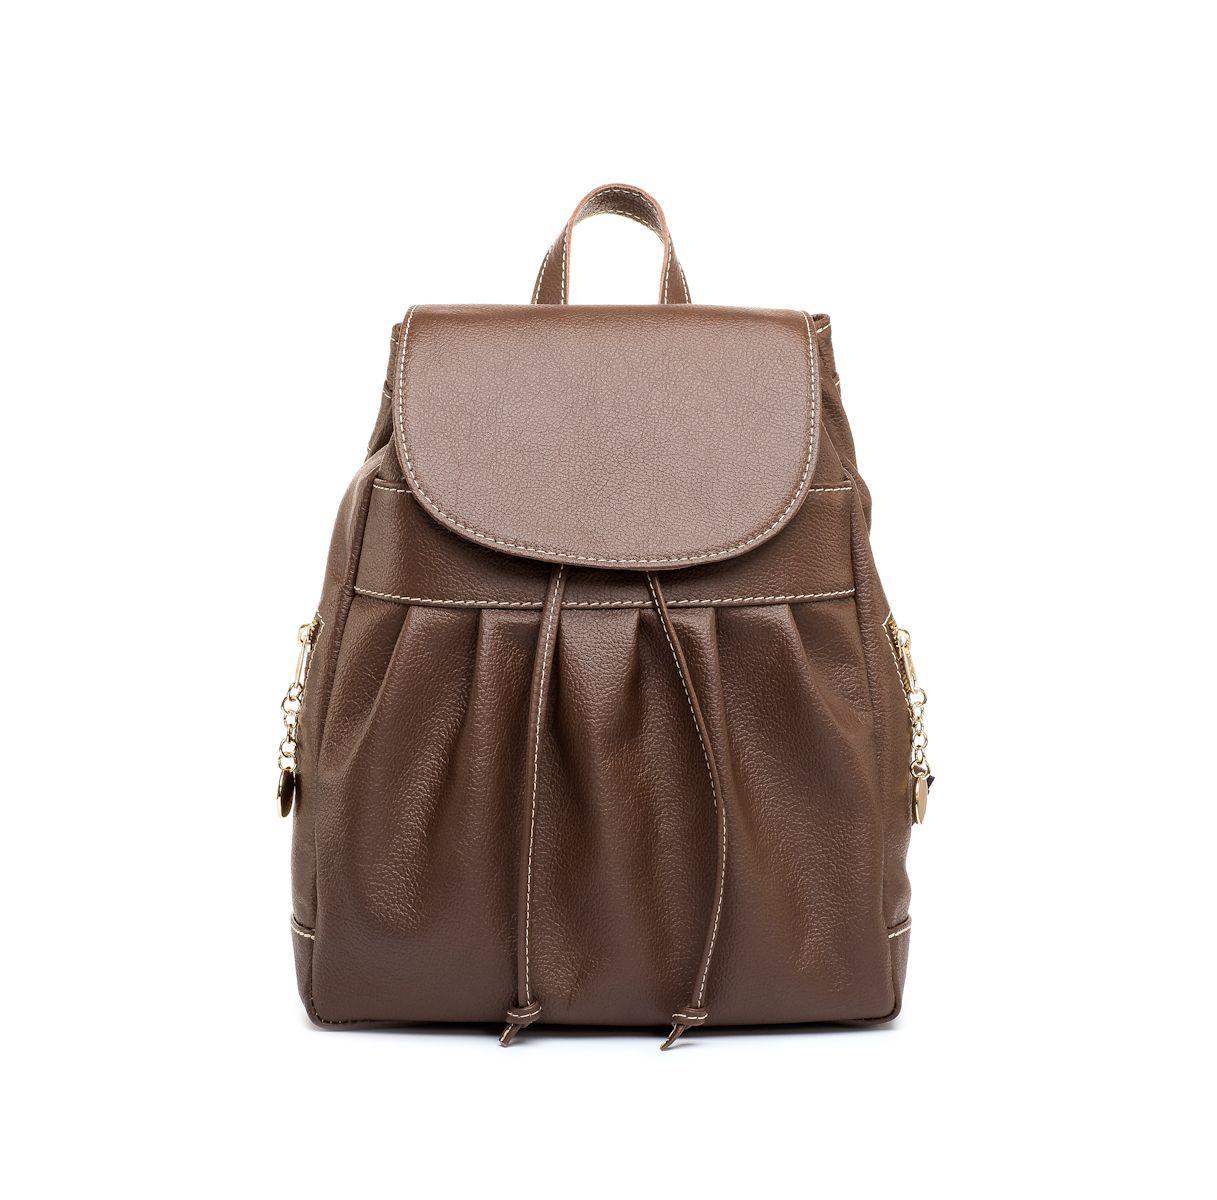 90e0b70c73 Luxusný kožený ruksak z pravej hovädzej kože č.8665 v hnedej farbe ...